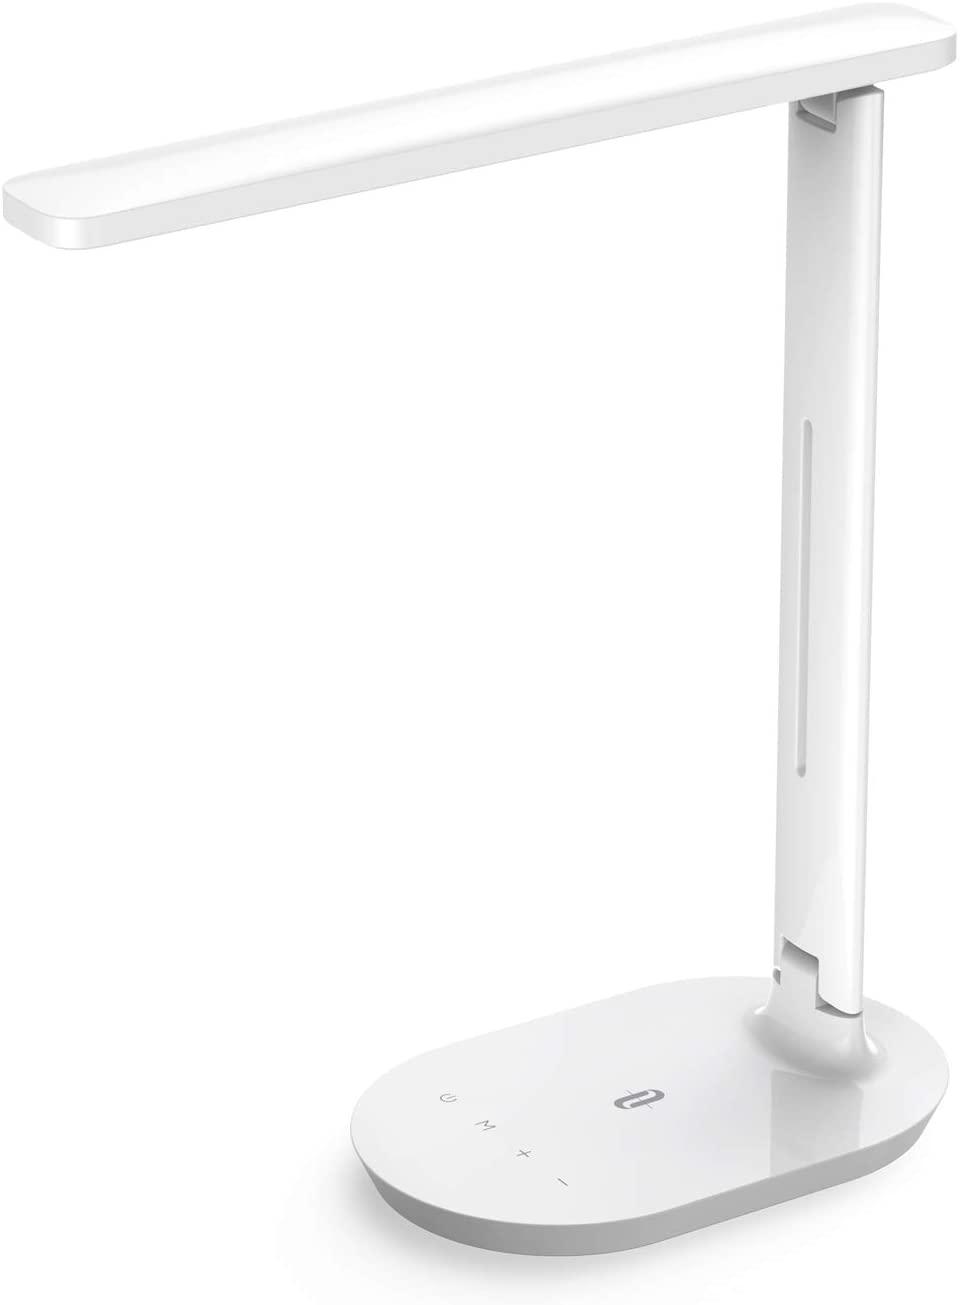 Lámpara de escritorio LED TaoTronics